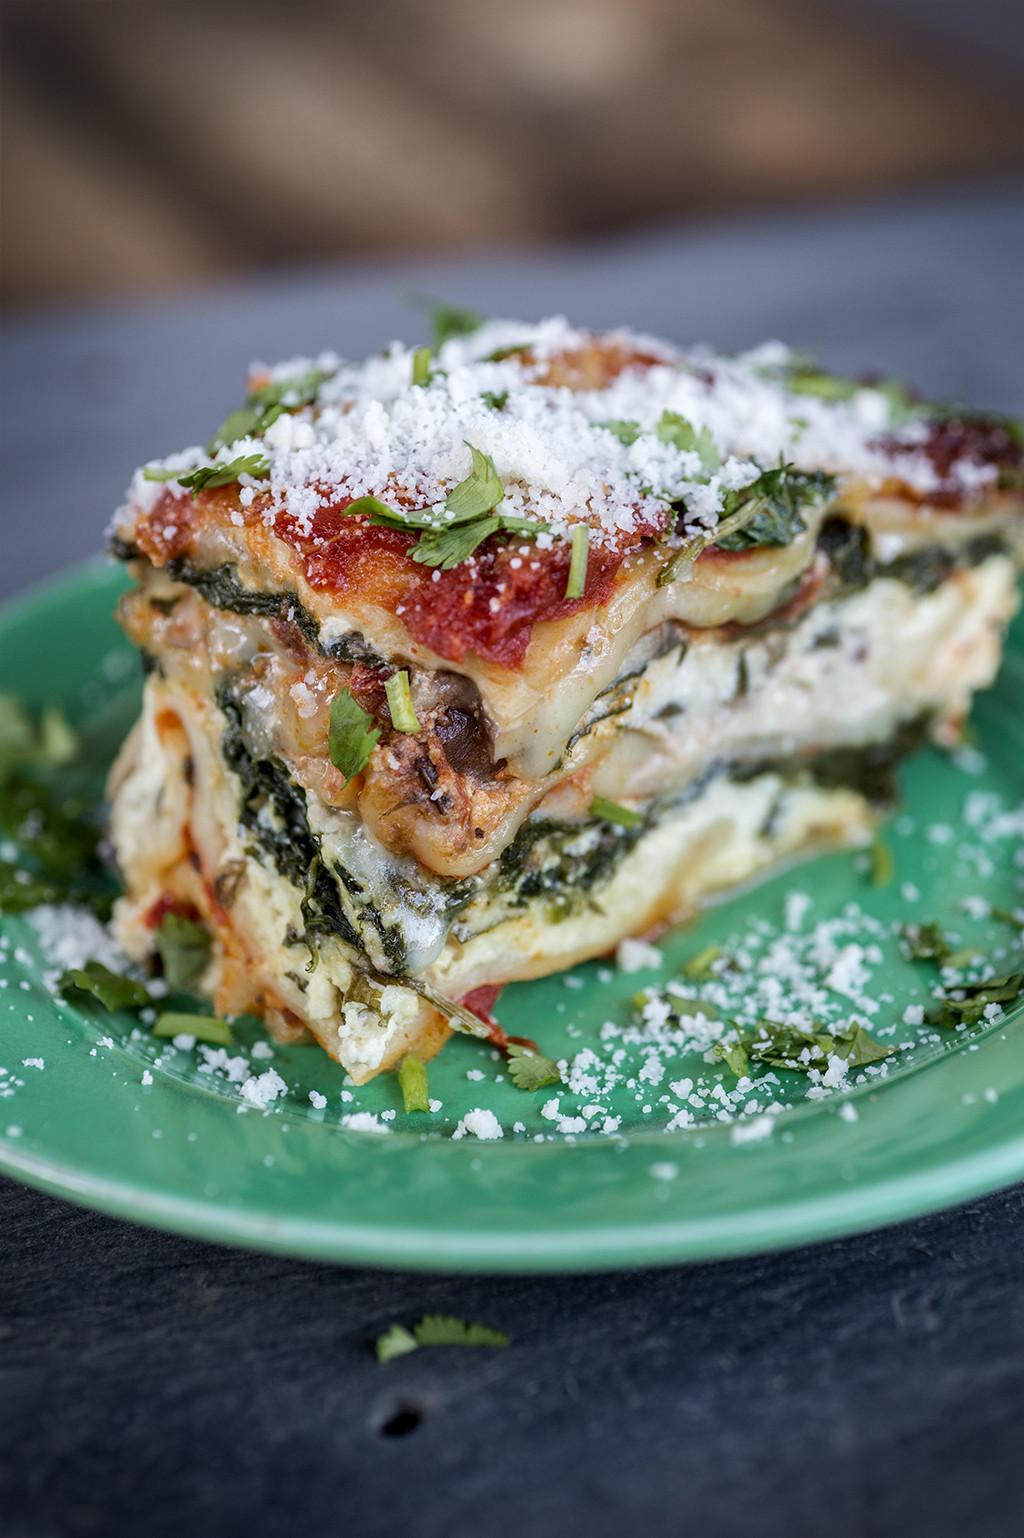 Spinach Mushroom Lasagna  4 Cheese Spinach Mushroom Lasagna The Two Bananas